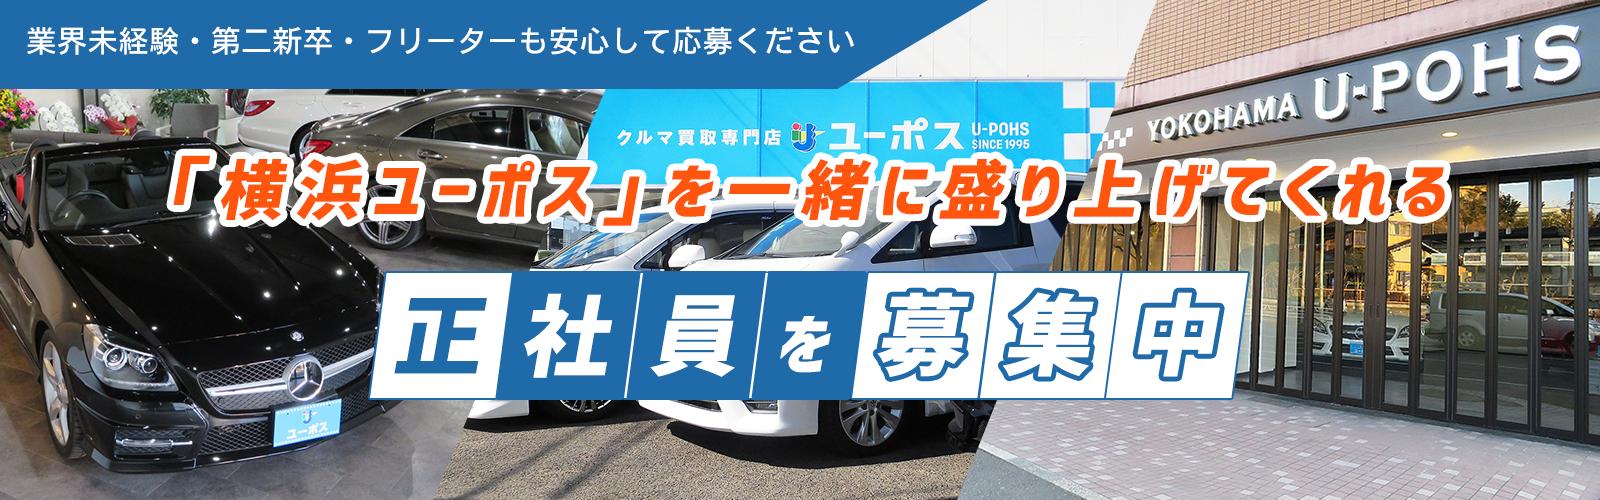 「横浜ユーポス」を一緒に盛り上げてくれる正社員募集中